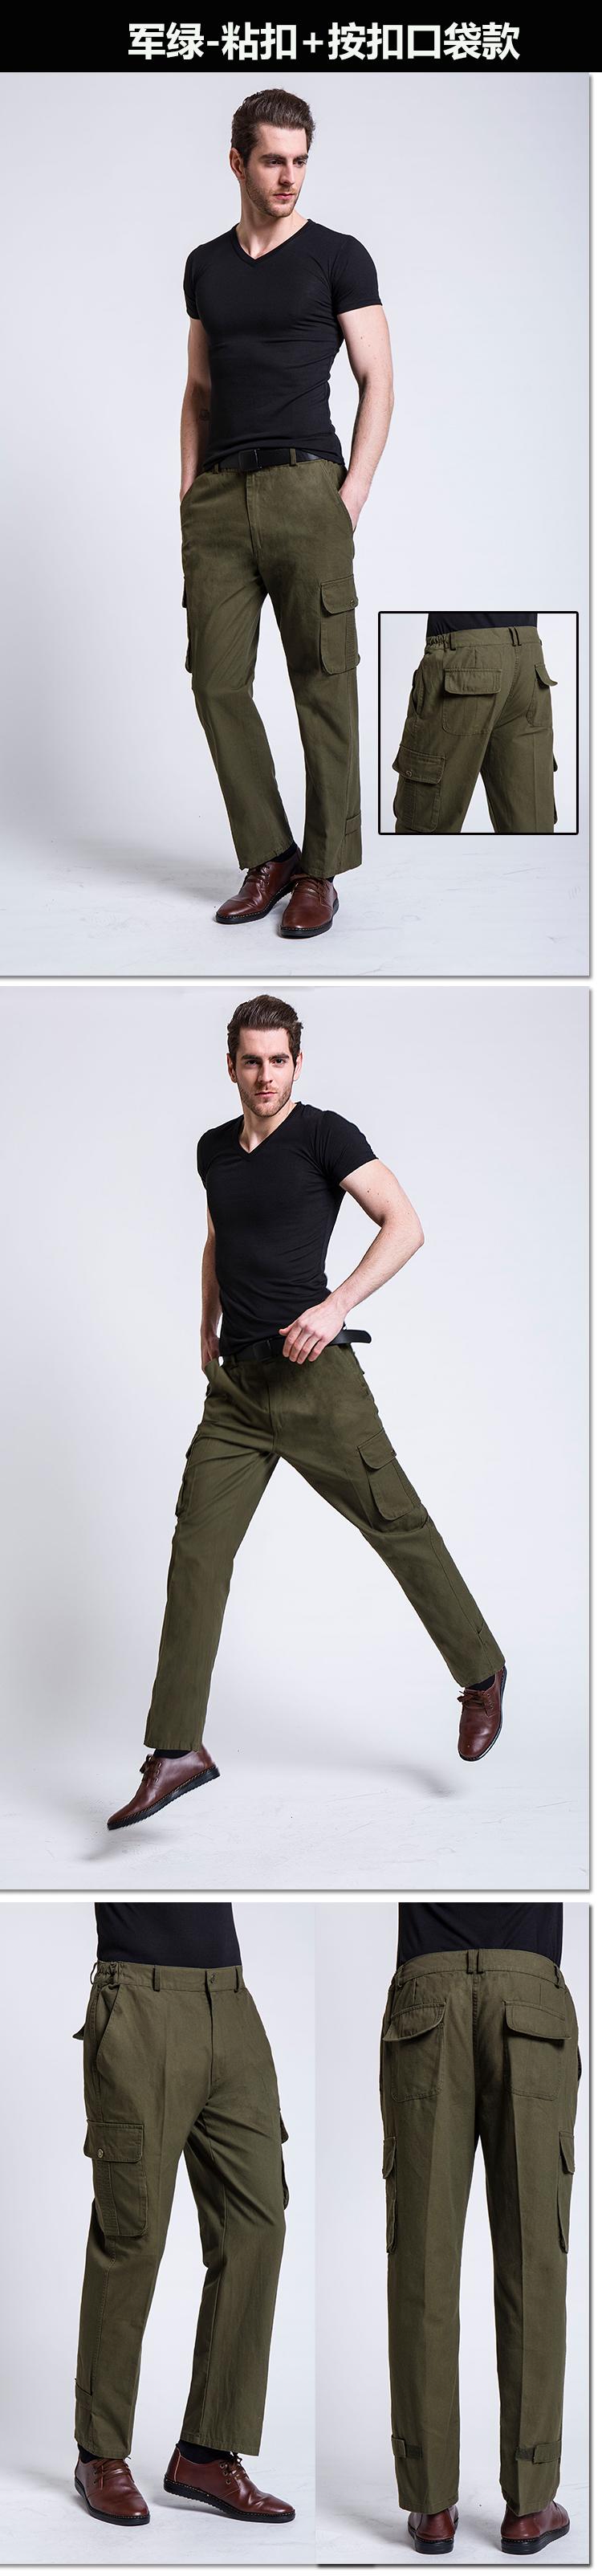 Mùa hè phần mỏng đa túi quần âu nam lỏng lẻo overalls nam quần thẳng người đàn ông ngoài trời của quần kích thước lớn quần quân sự